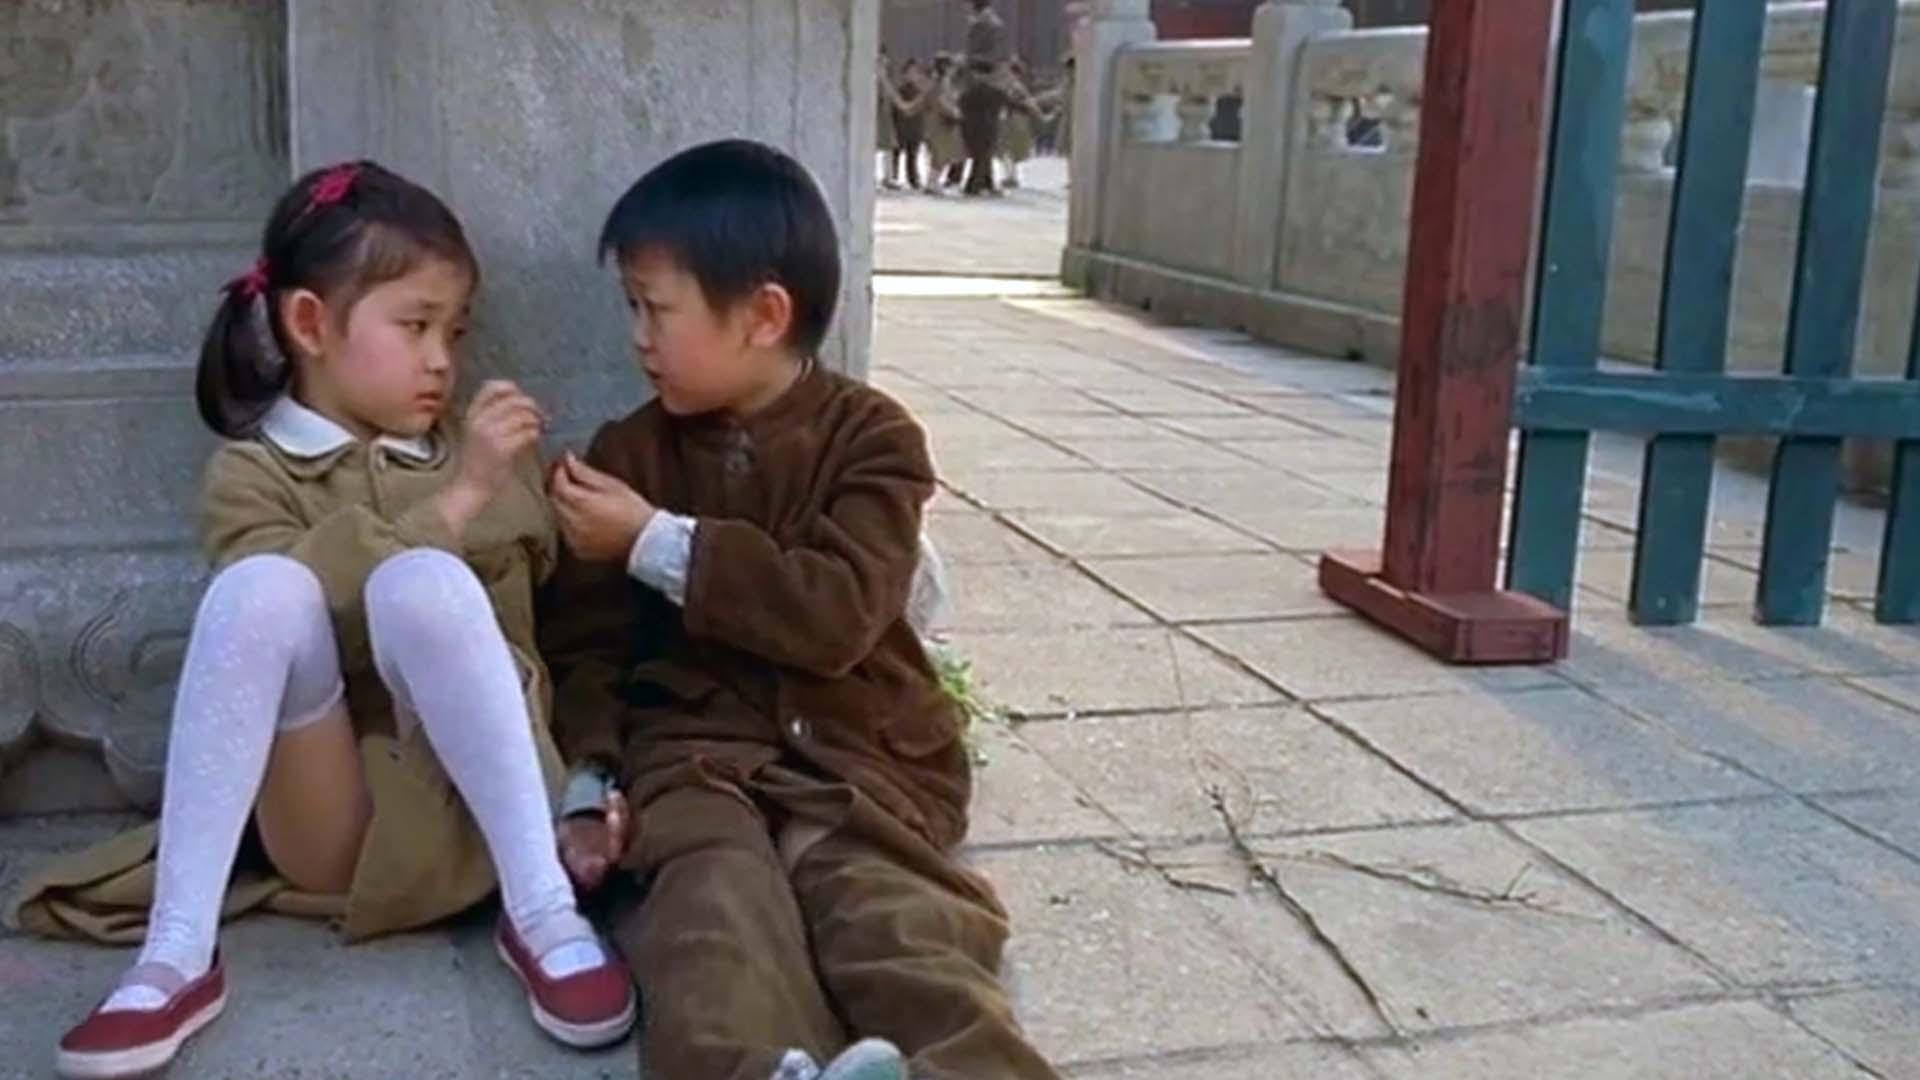 【朽木媳妇】14年前的禁片,一出冷峻的成人寓言。辛苦筹备6年,终于被解禁了《看起来很美》!!